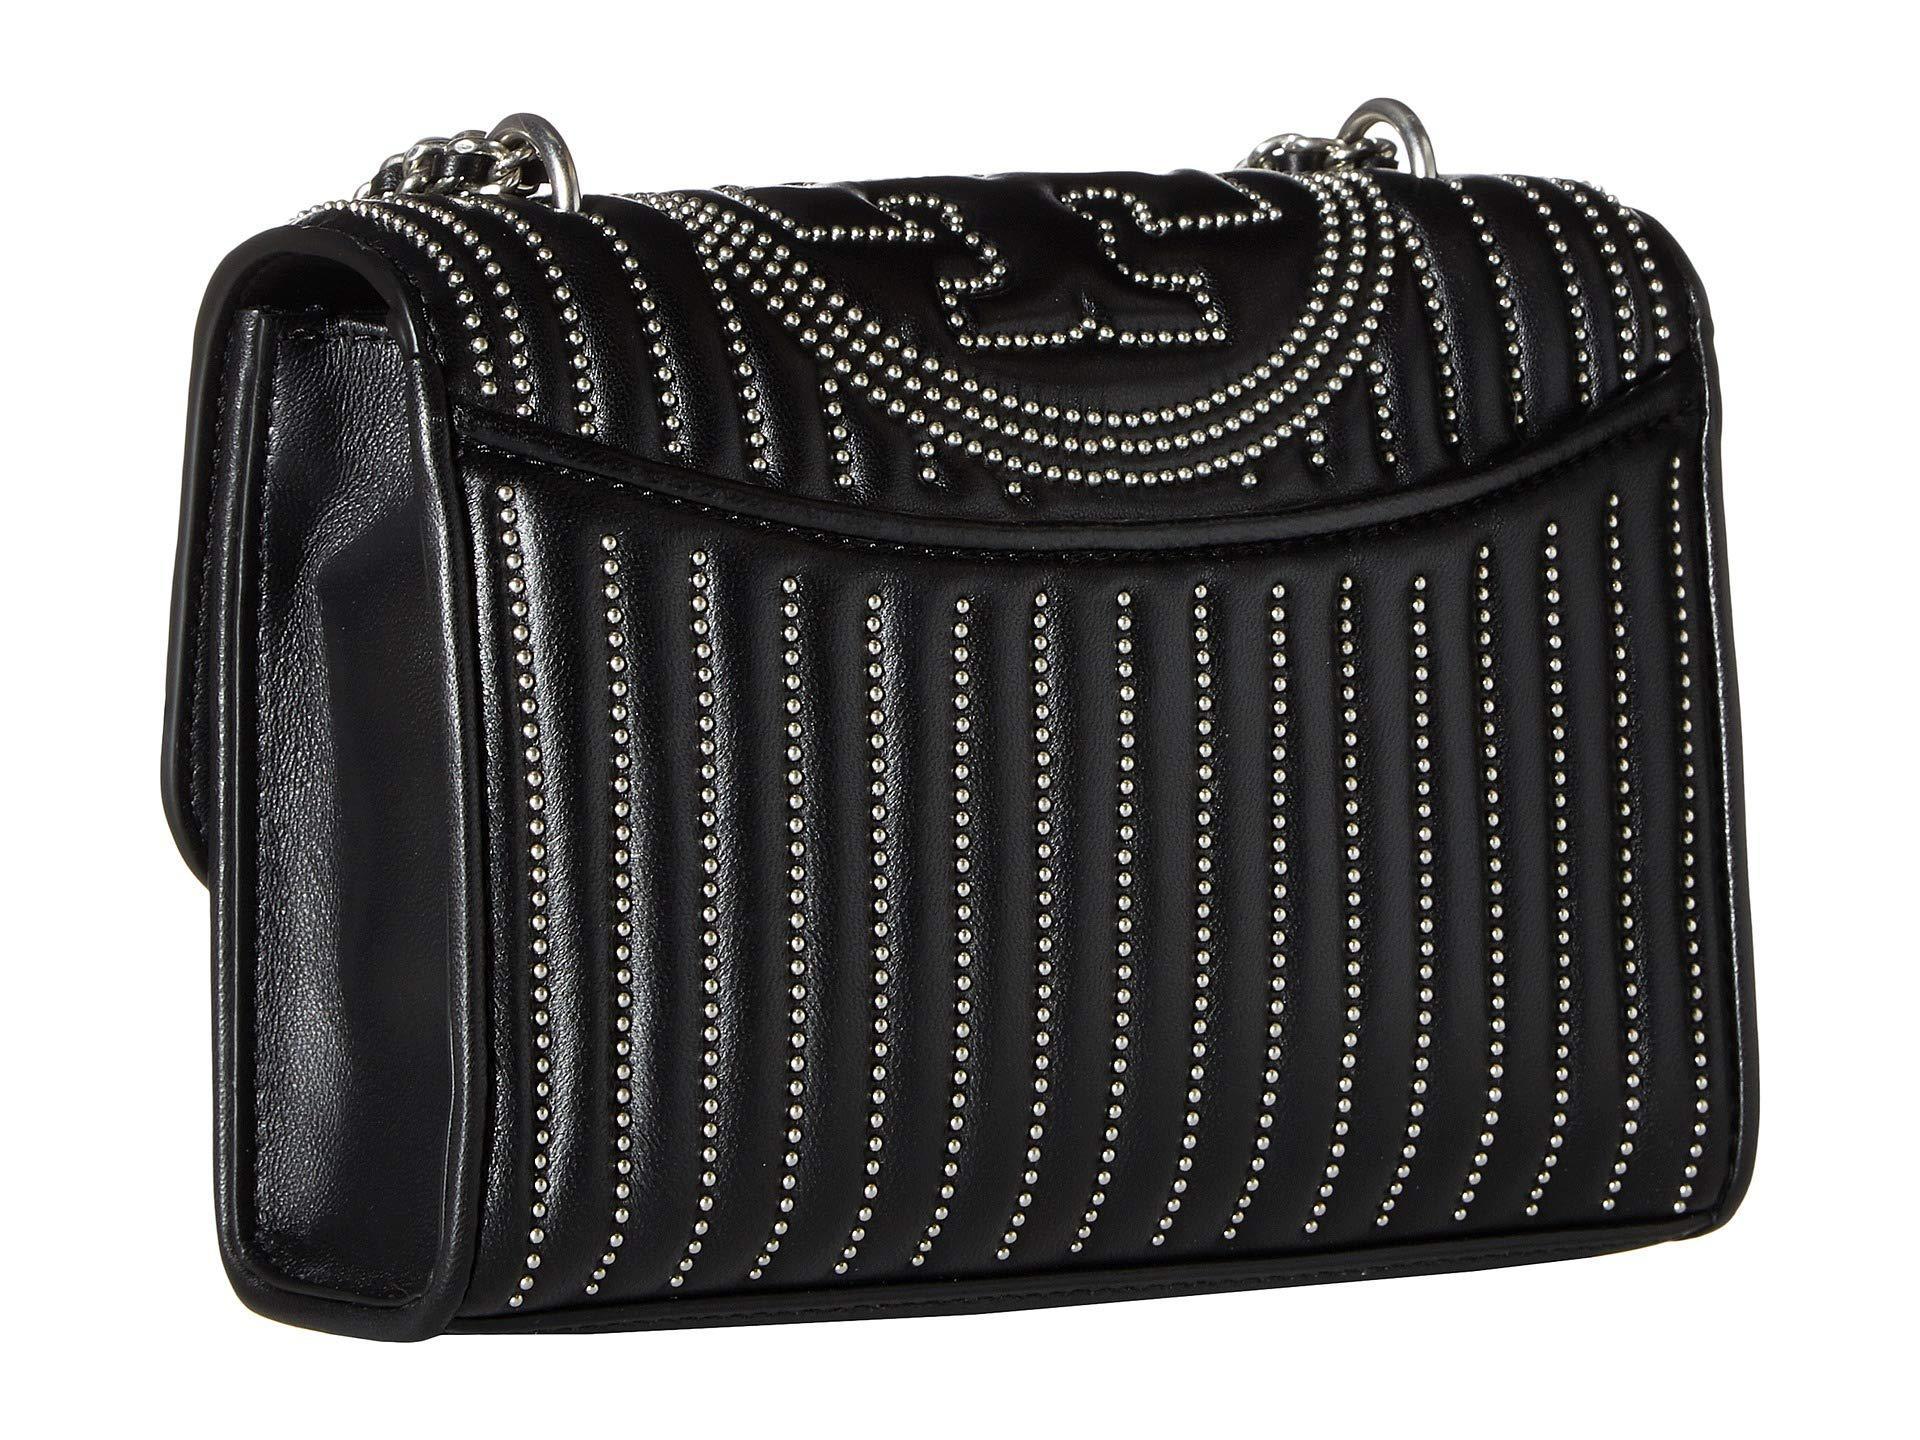 fd021400ce5f Tory Burch - Fleming Mini Stud Small Convertible Shoulder Bag  (black silver) Shoulder. View fullscreen